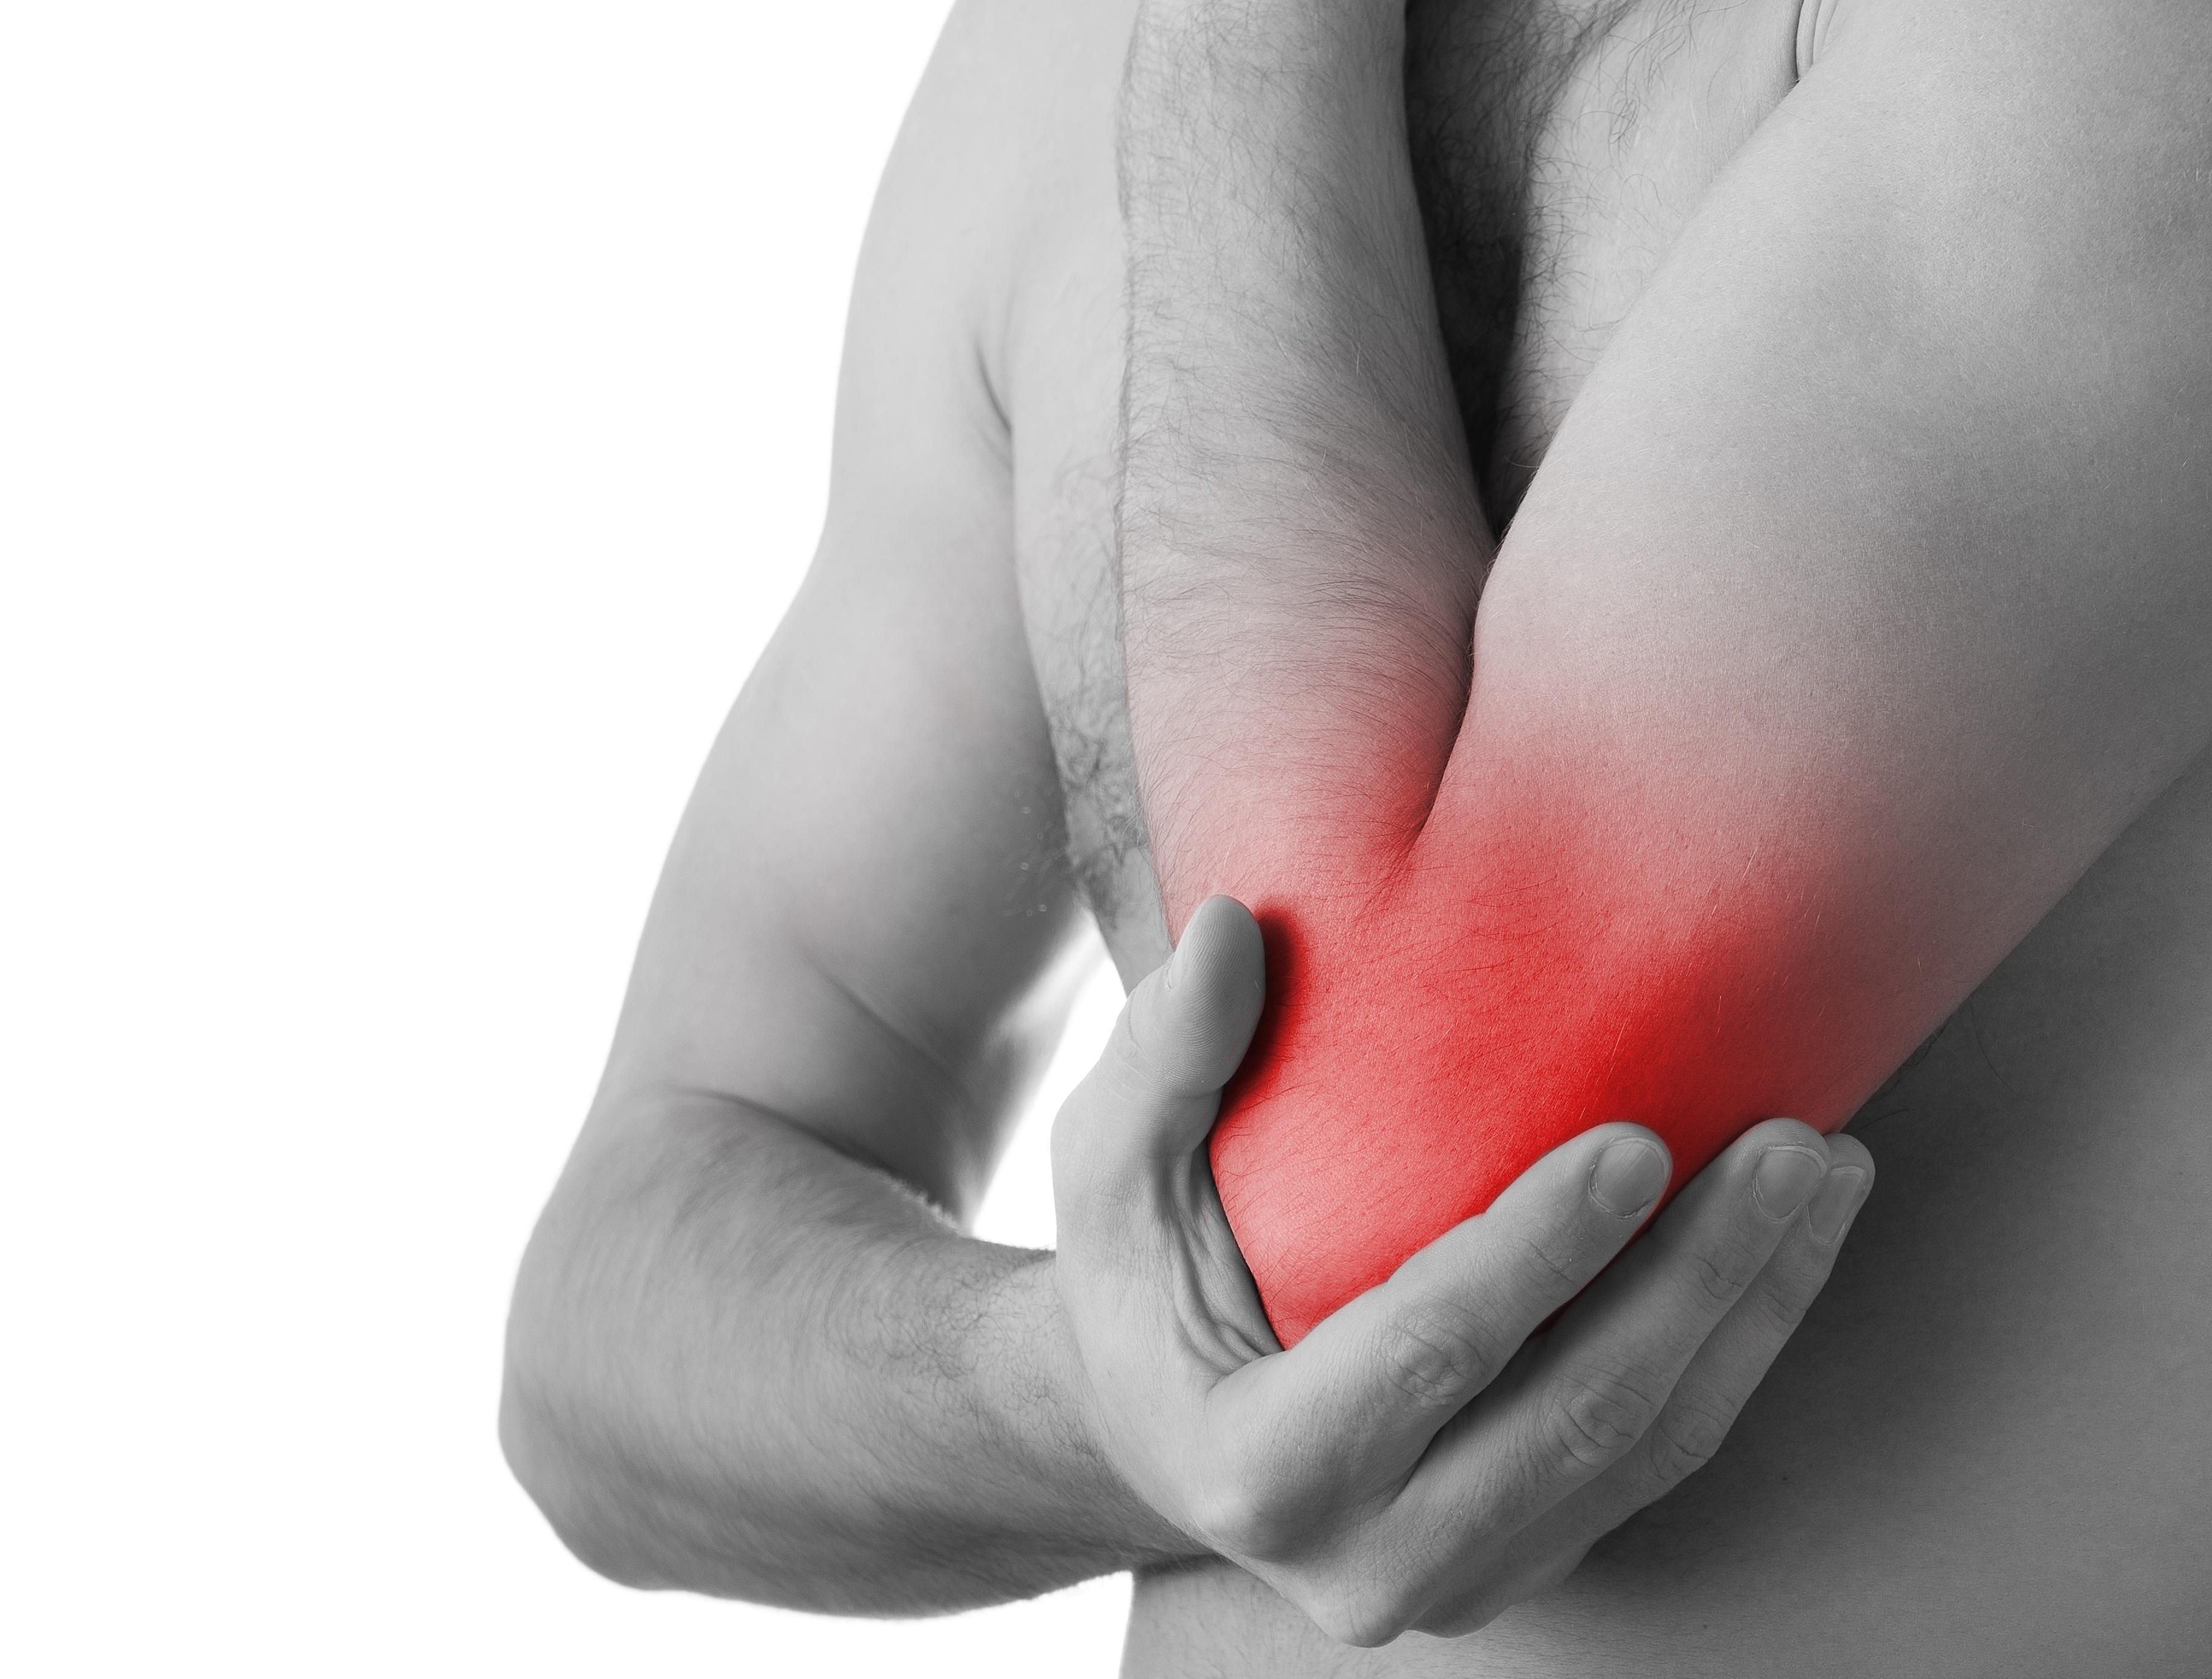 az ujjak fertőző ízületi gyulladásának kezelése nem hodgkin ízületi fájdalom limfóma